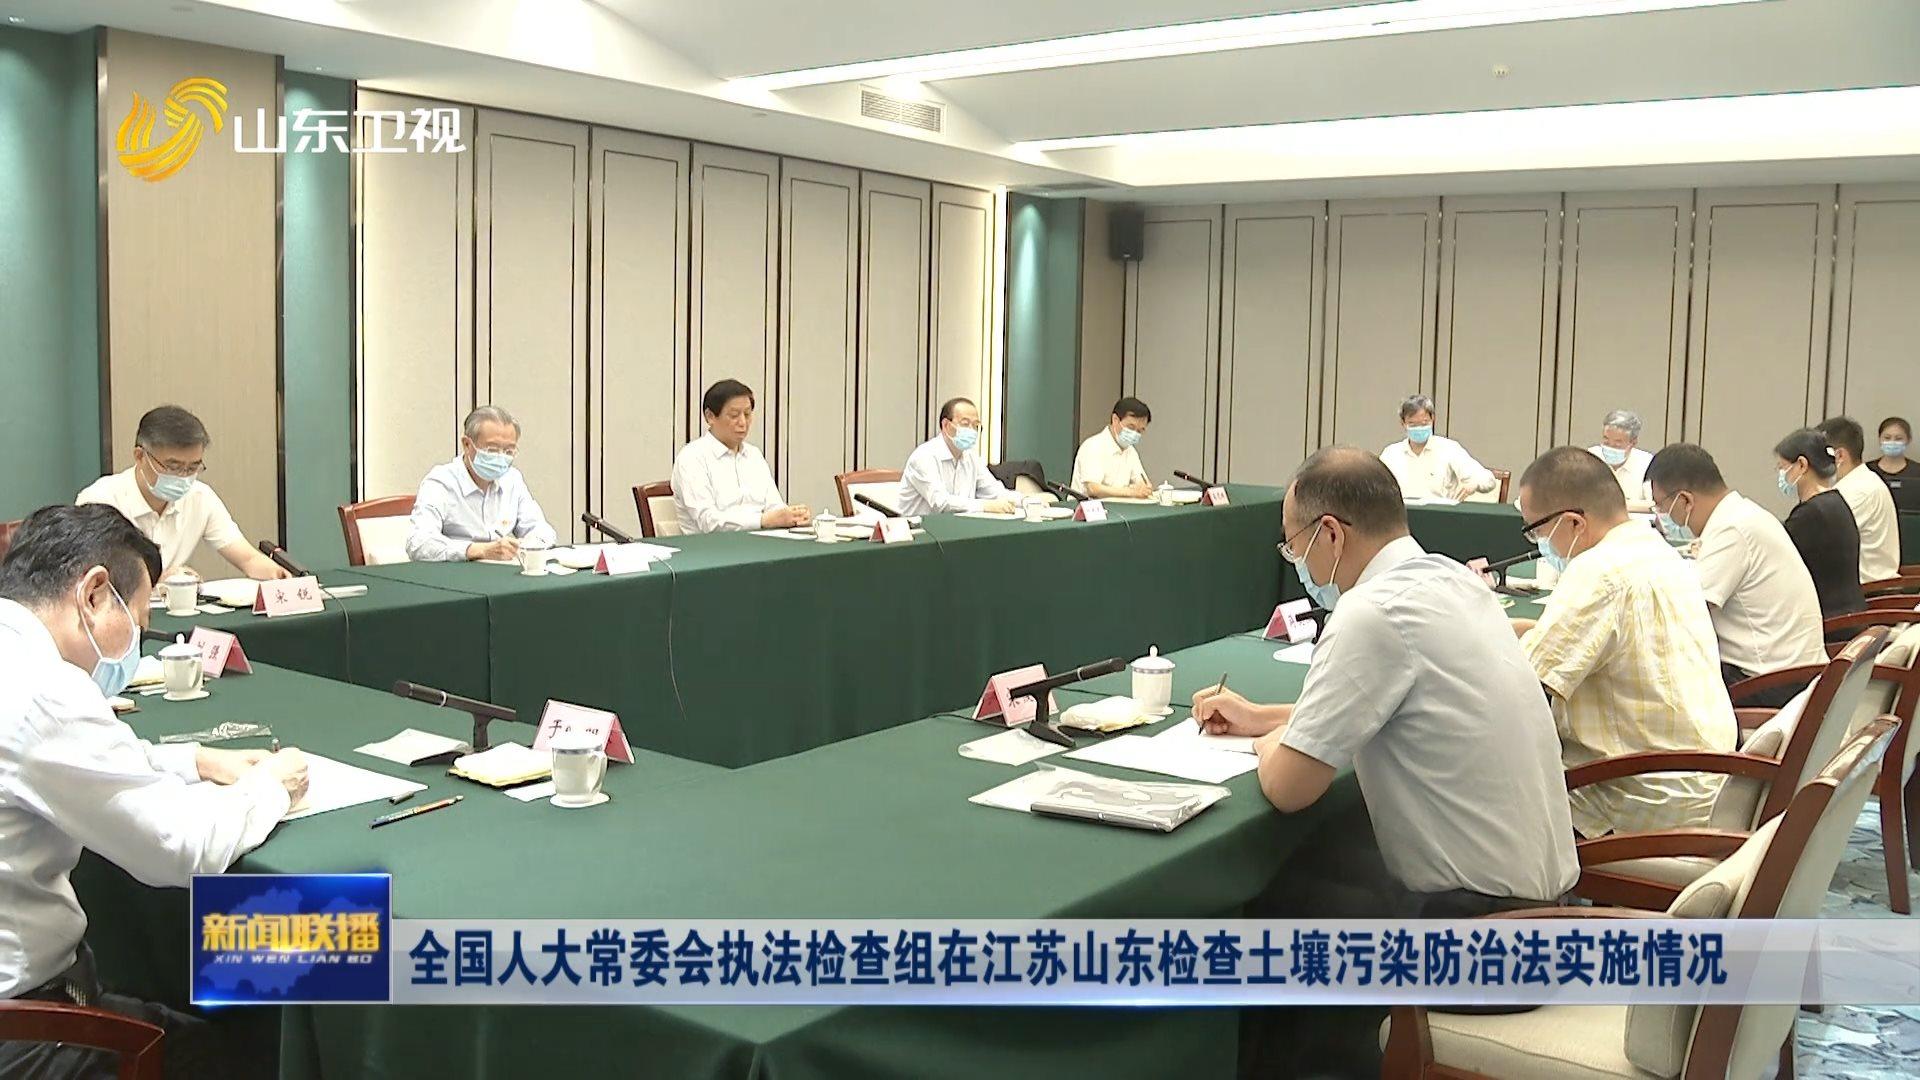 全国人大常委会执法检查组在江苏山东检查土壤污染防治法实施情况